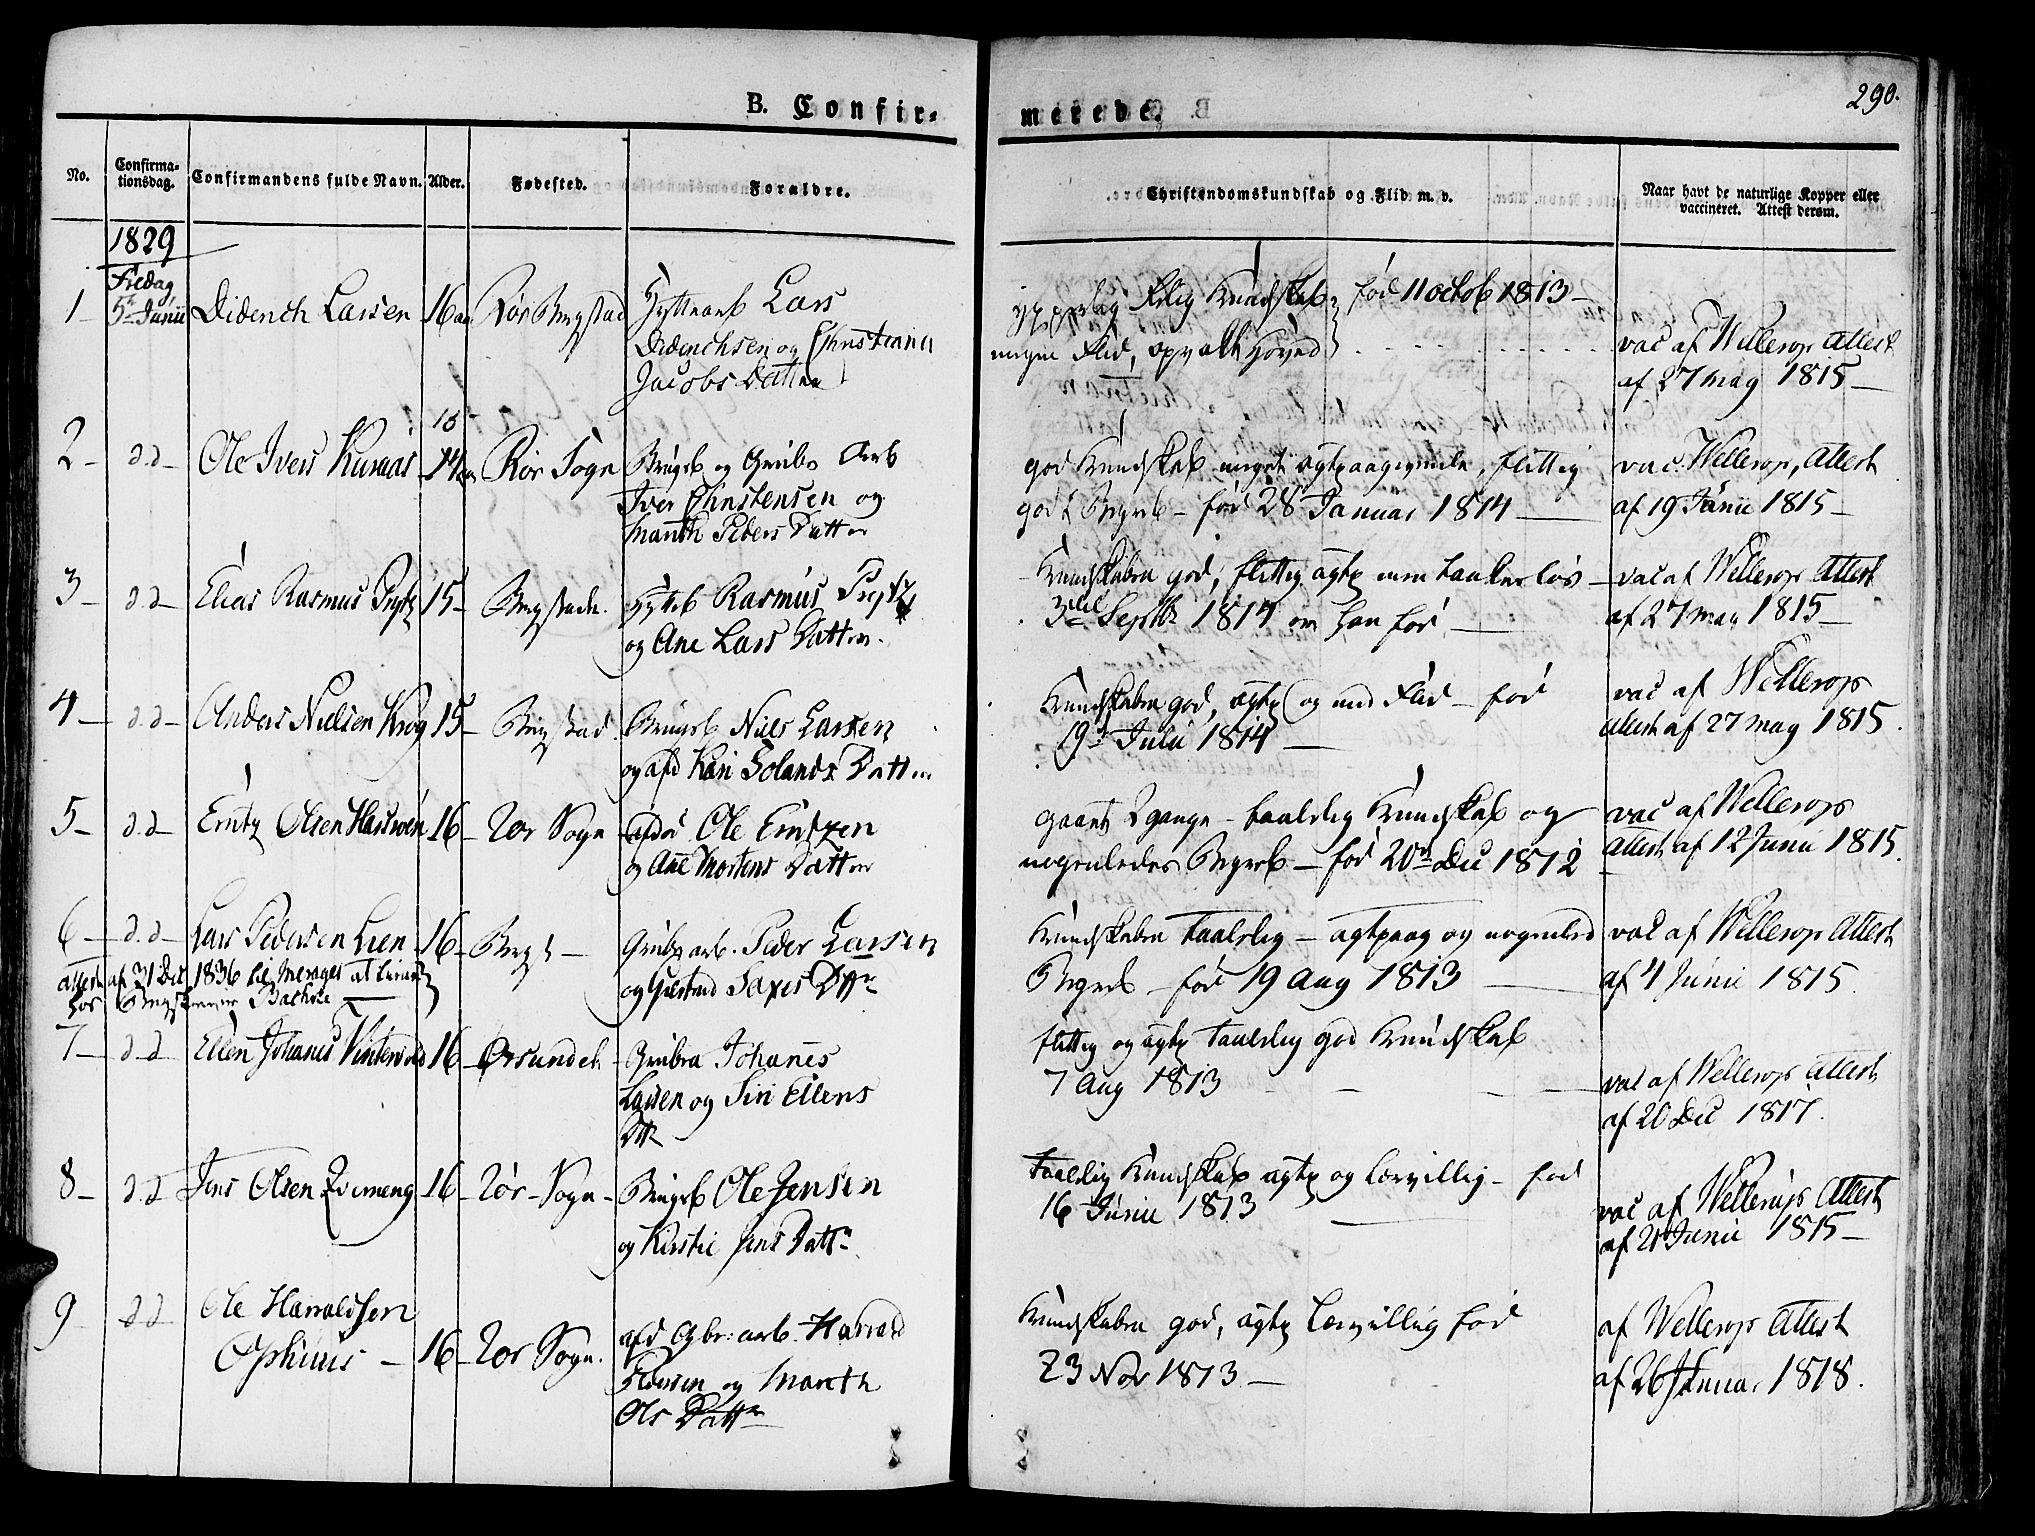 SAT, Ministerialprotokoller, klokkerbøker og fødselsregistre - Sør-Trøndelag, 681/L0930: Ministerialbok nr. 681A08, 1829-1844, s. 290